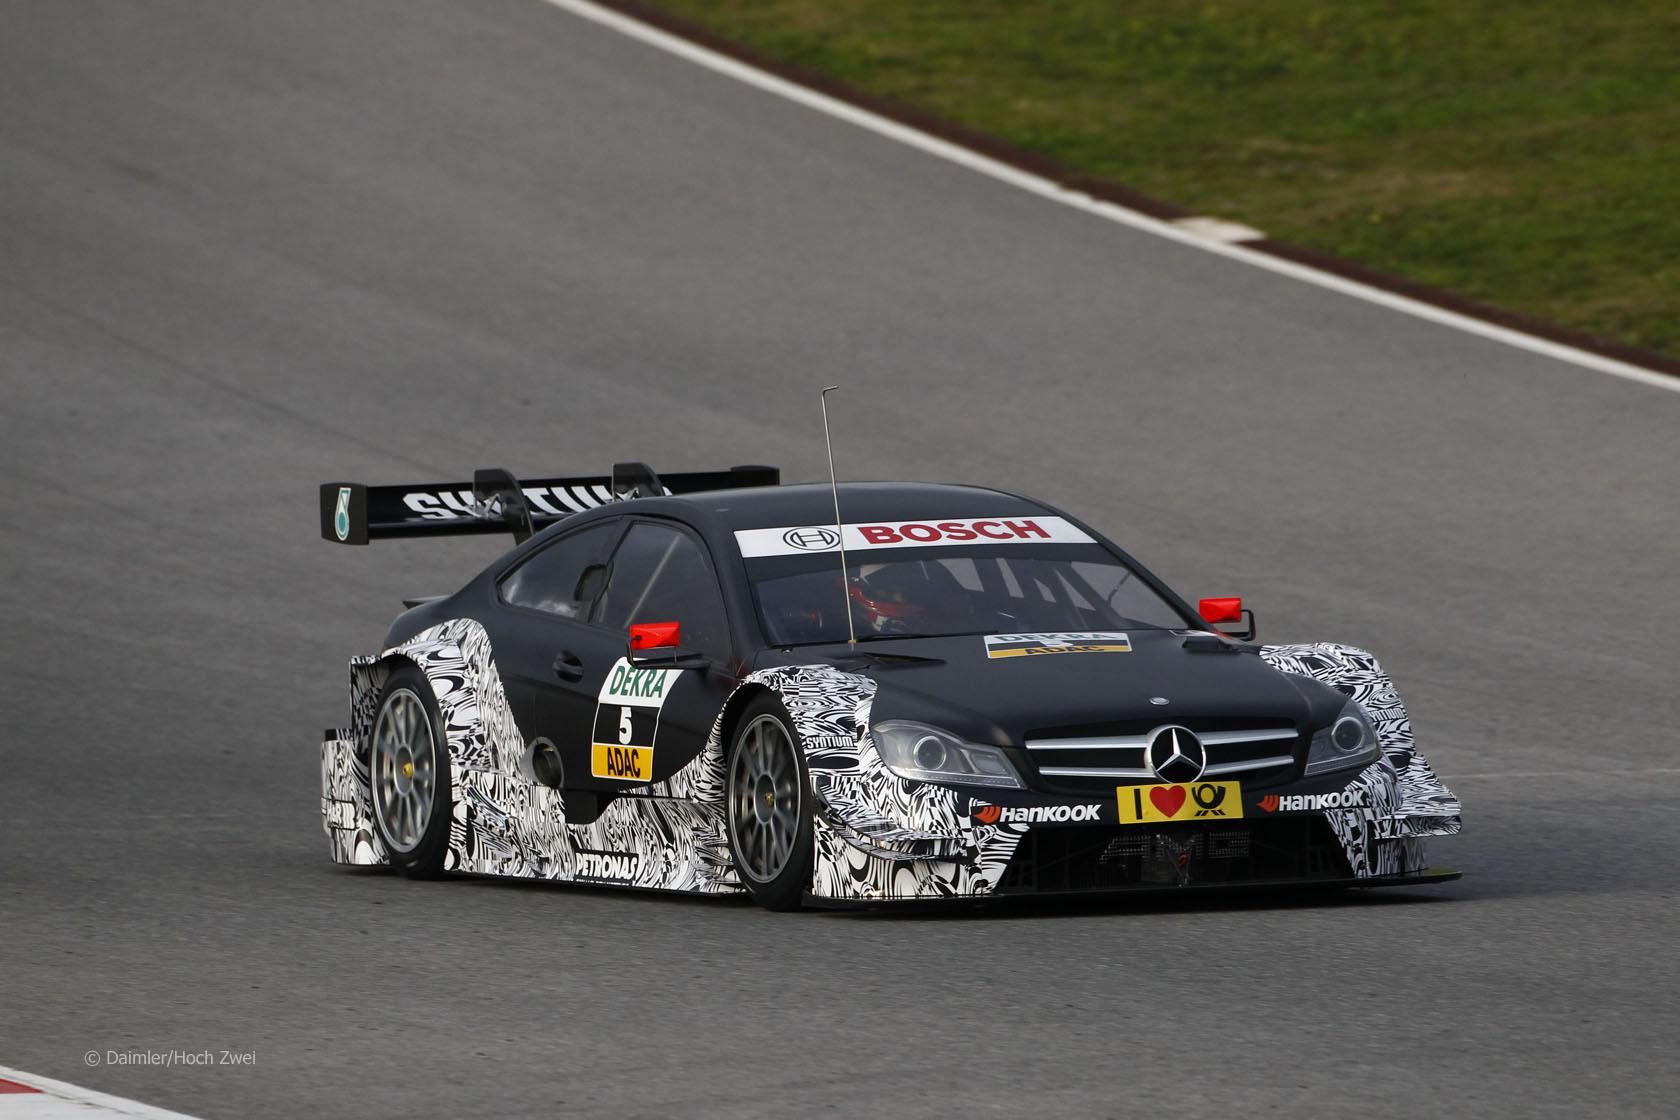 Paul di Resta, Mercedes C-Class, DTM